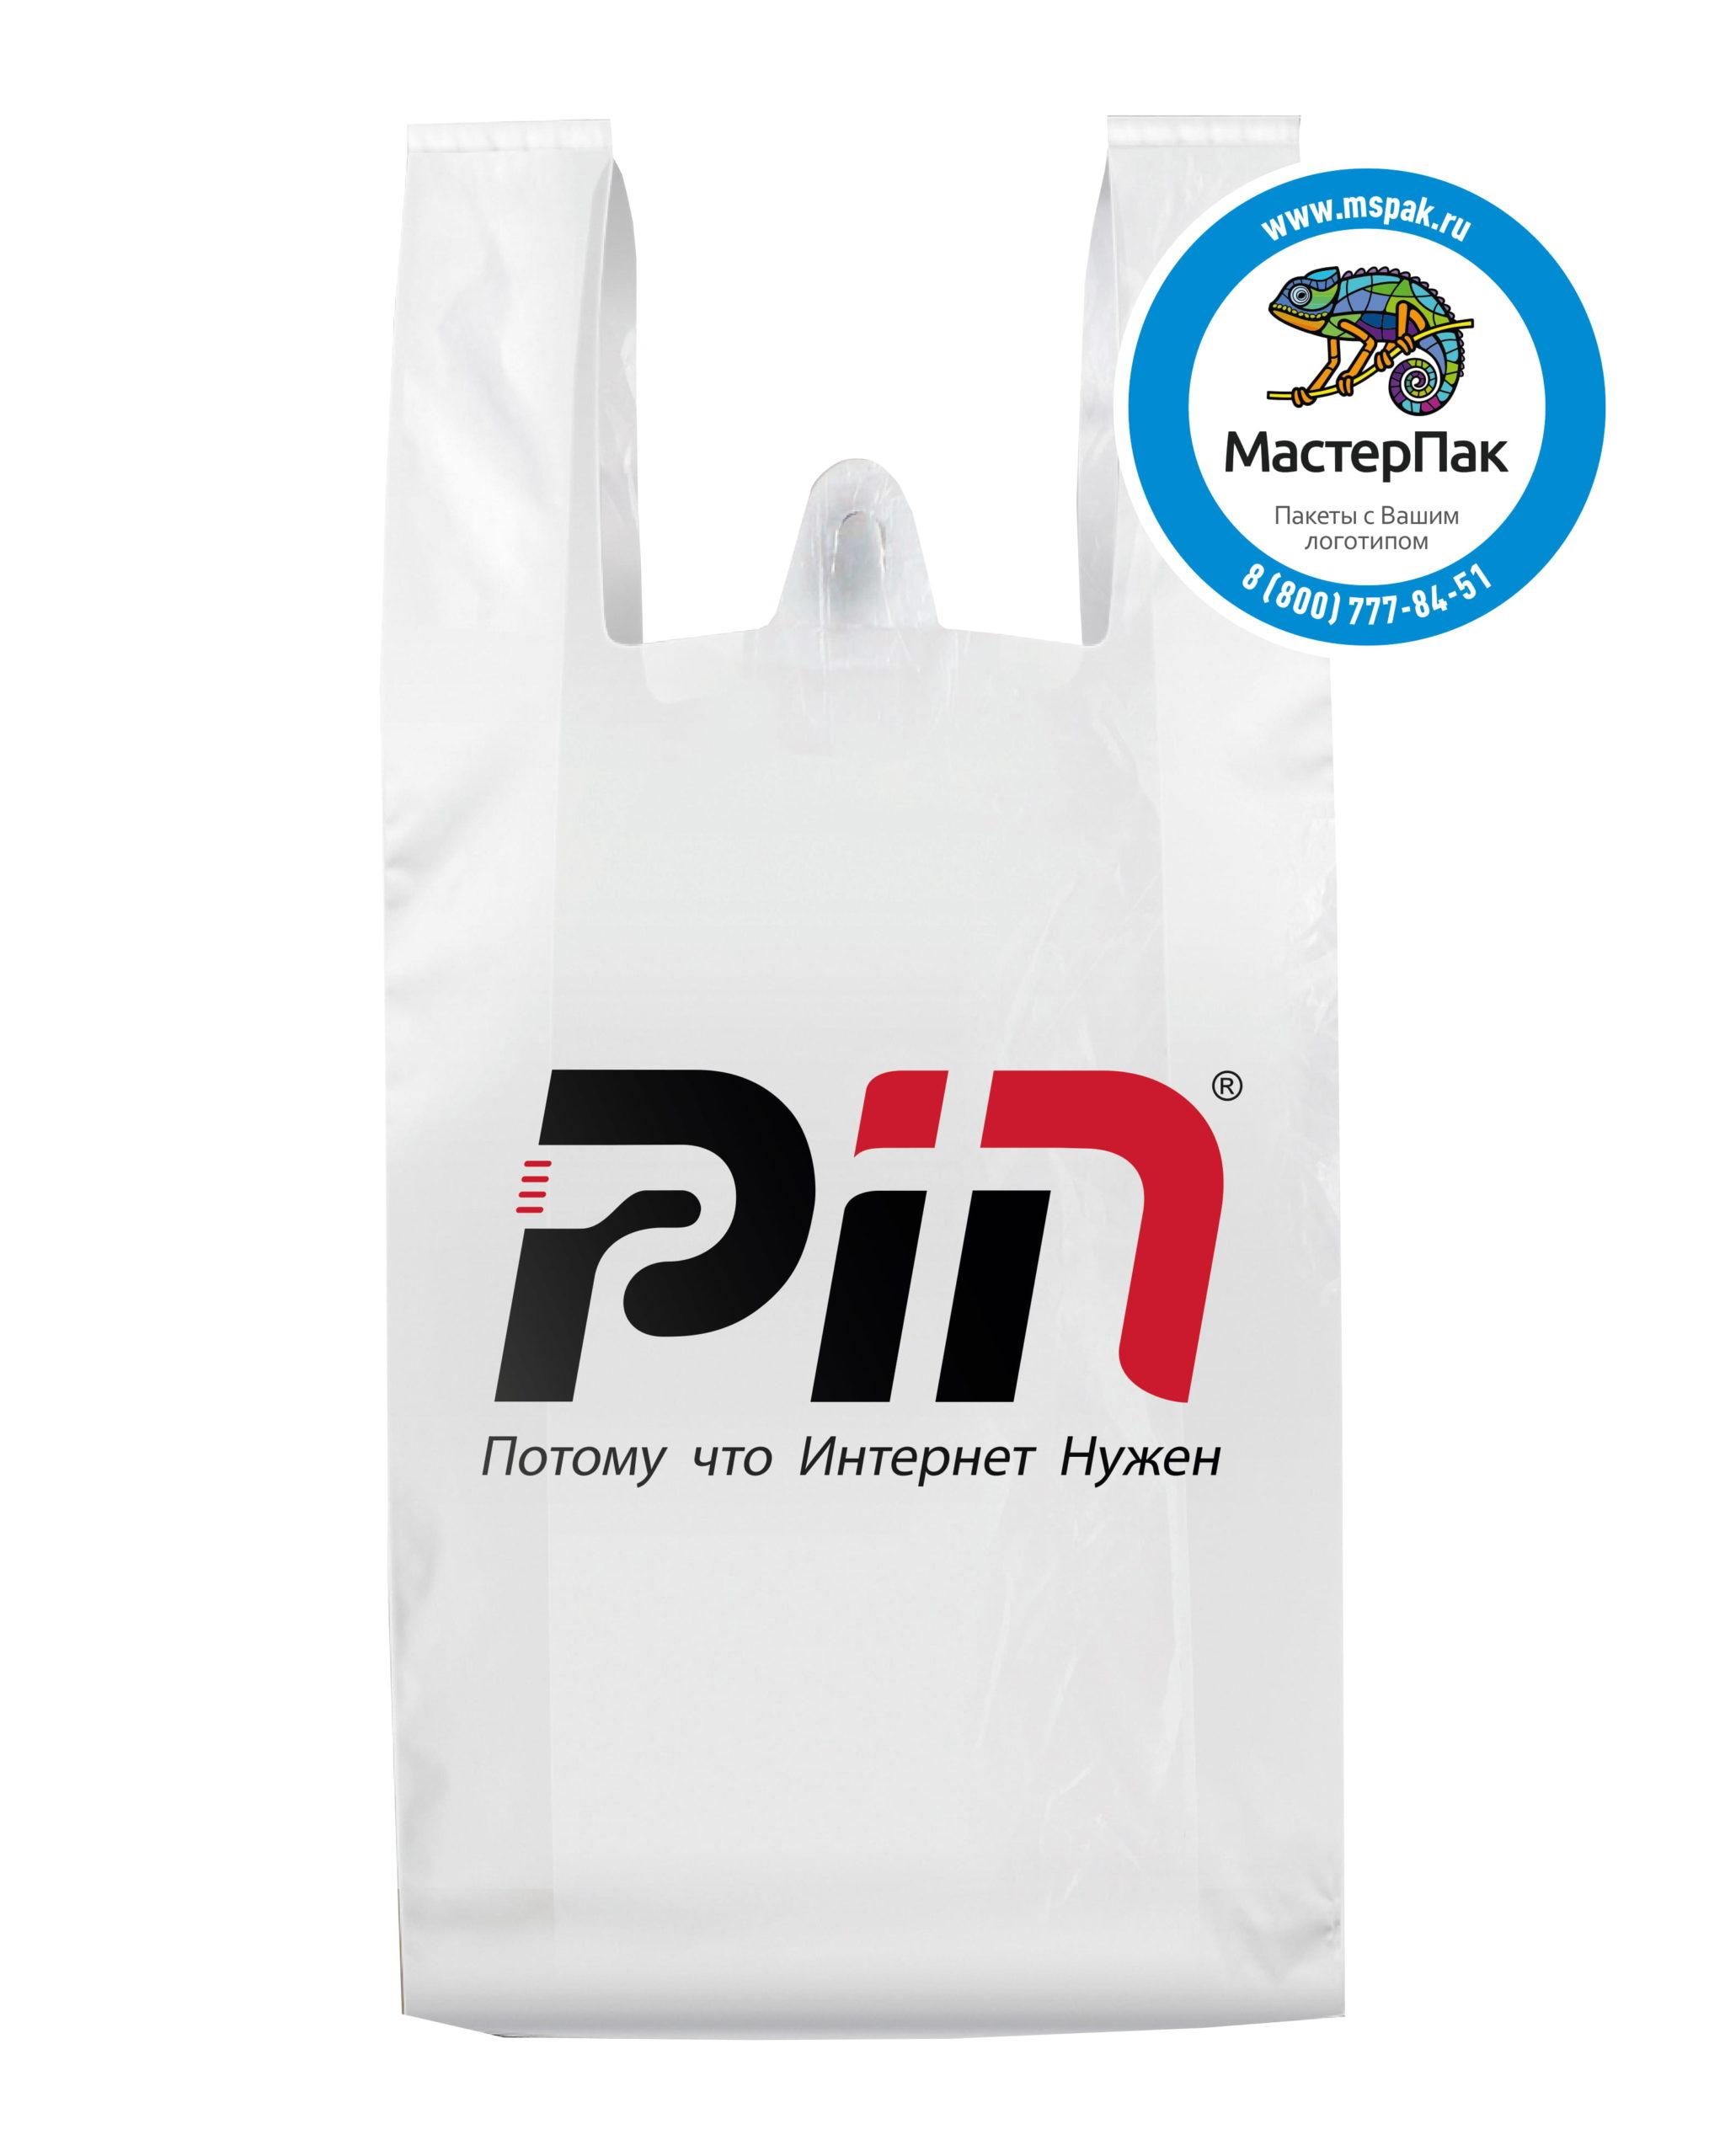 Пакет-майка ПНД с логотипом PIN, г. Калининград, 40*20 см, 23 мкм